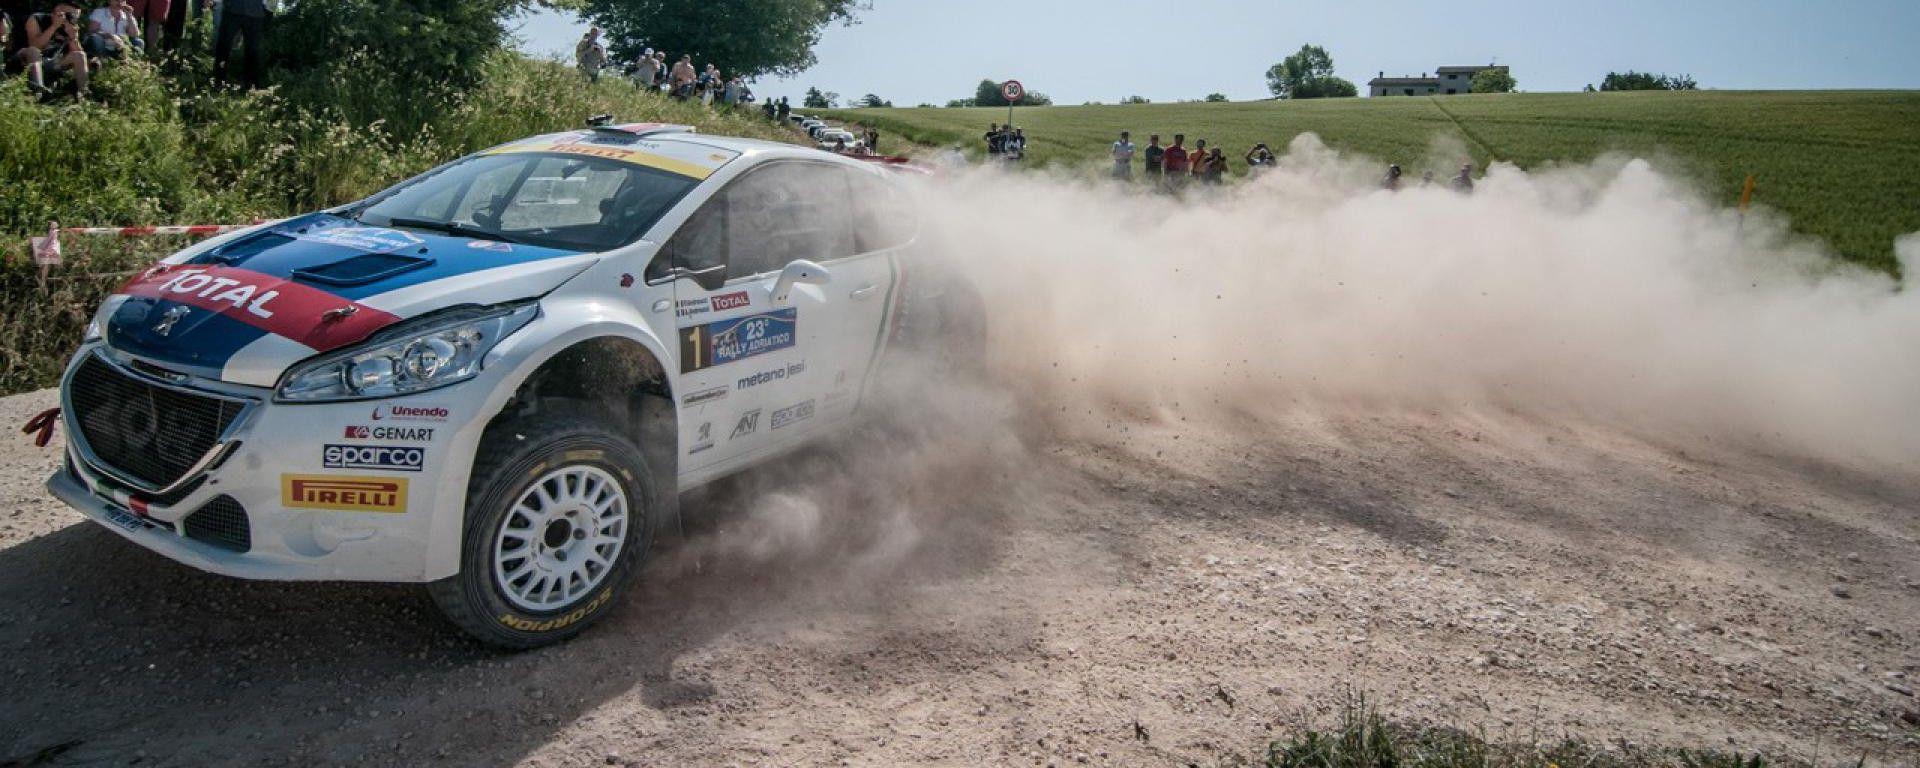 Paolo Andreucci e Anna Andreussi - Campionato Italiano Rally